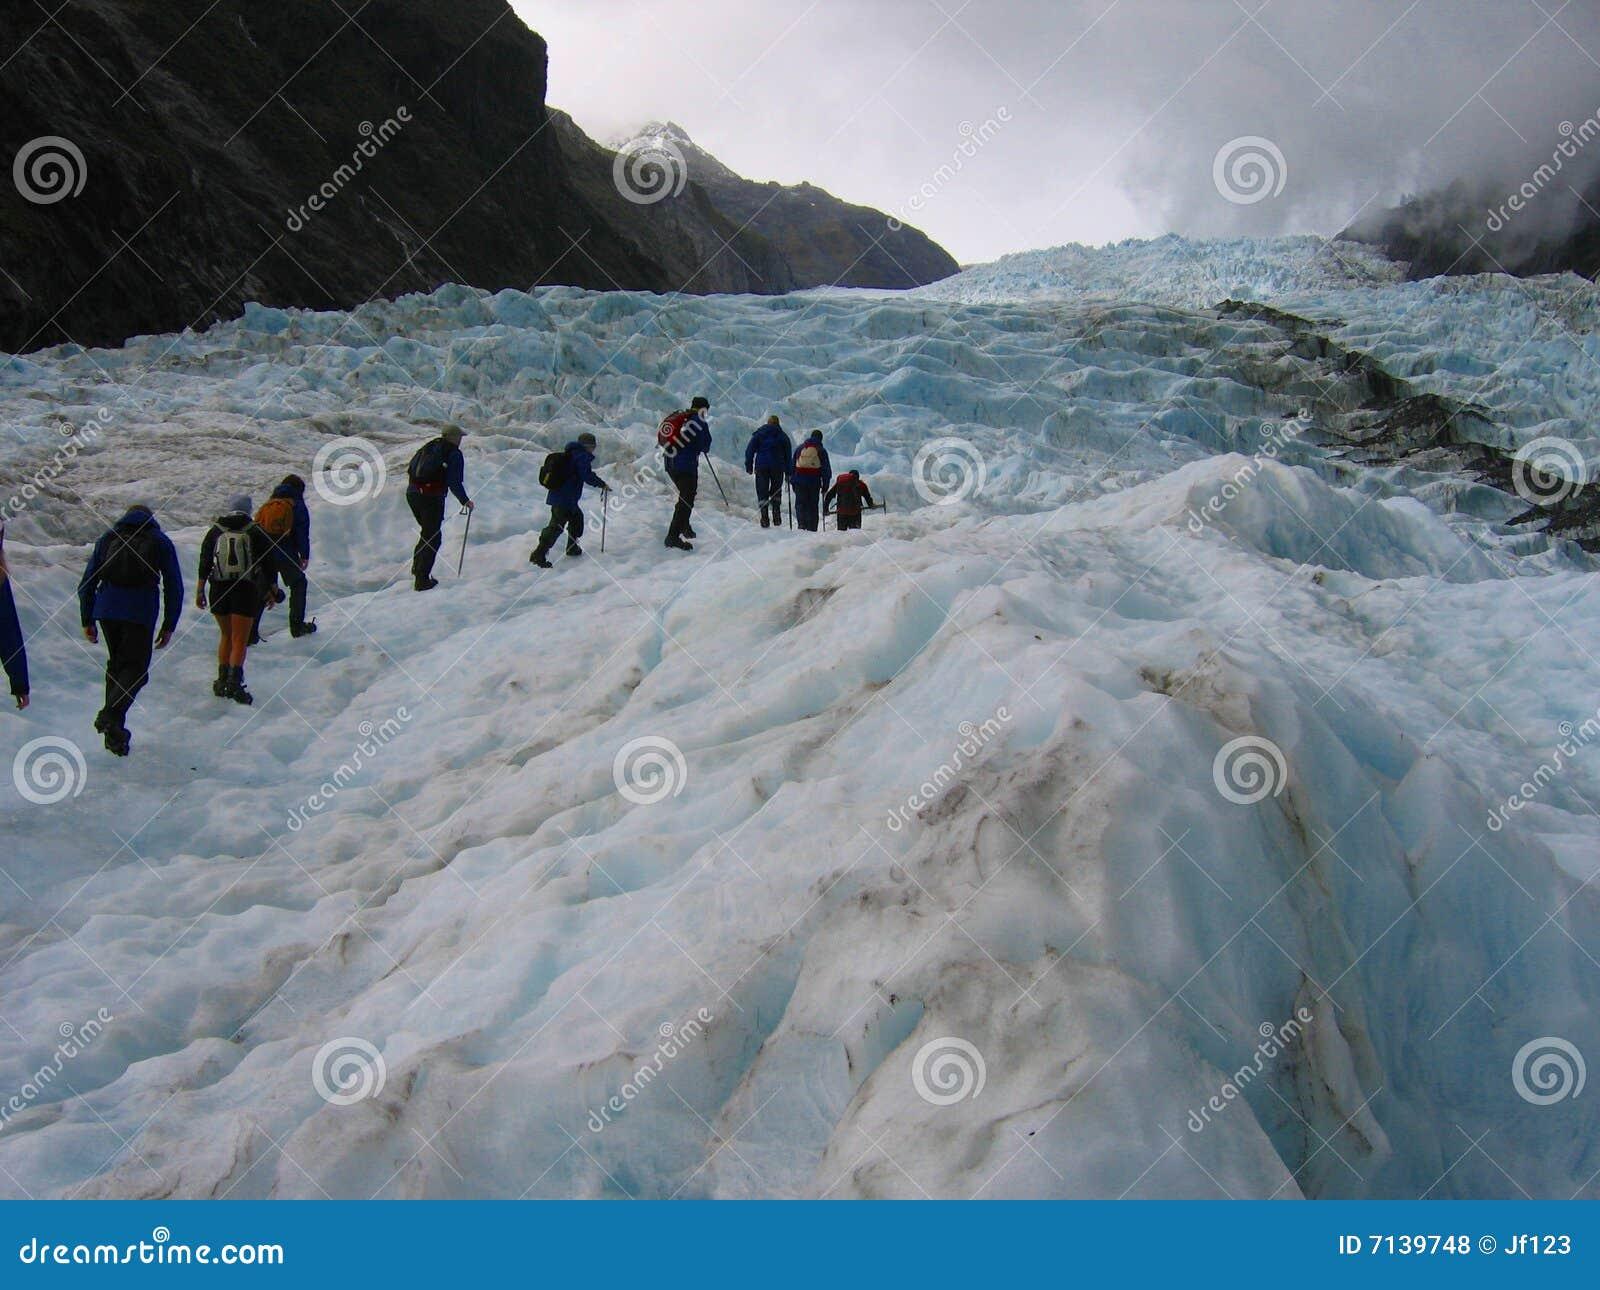 Expedition on a glacier